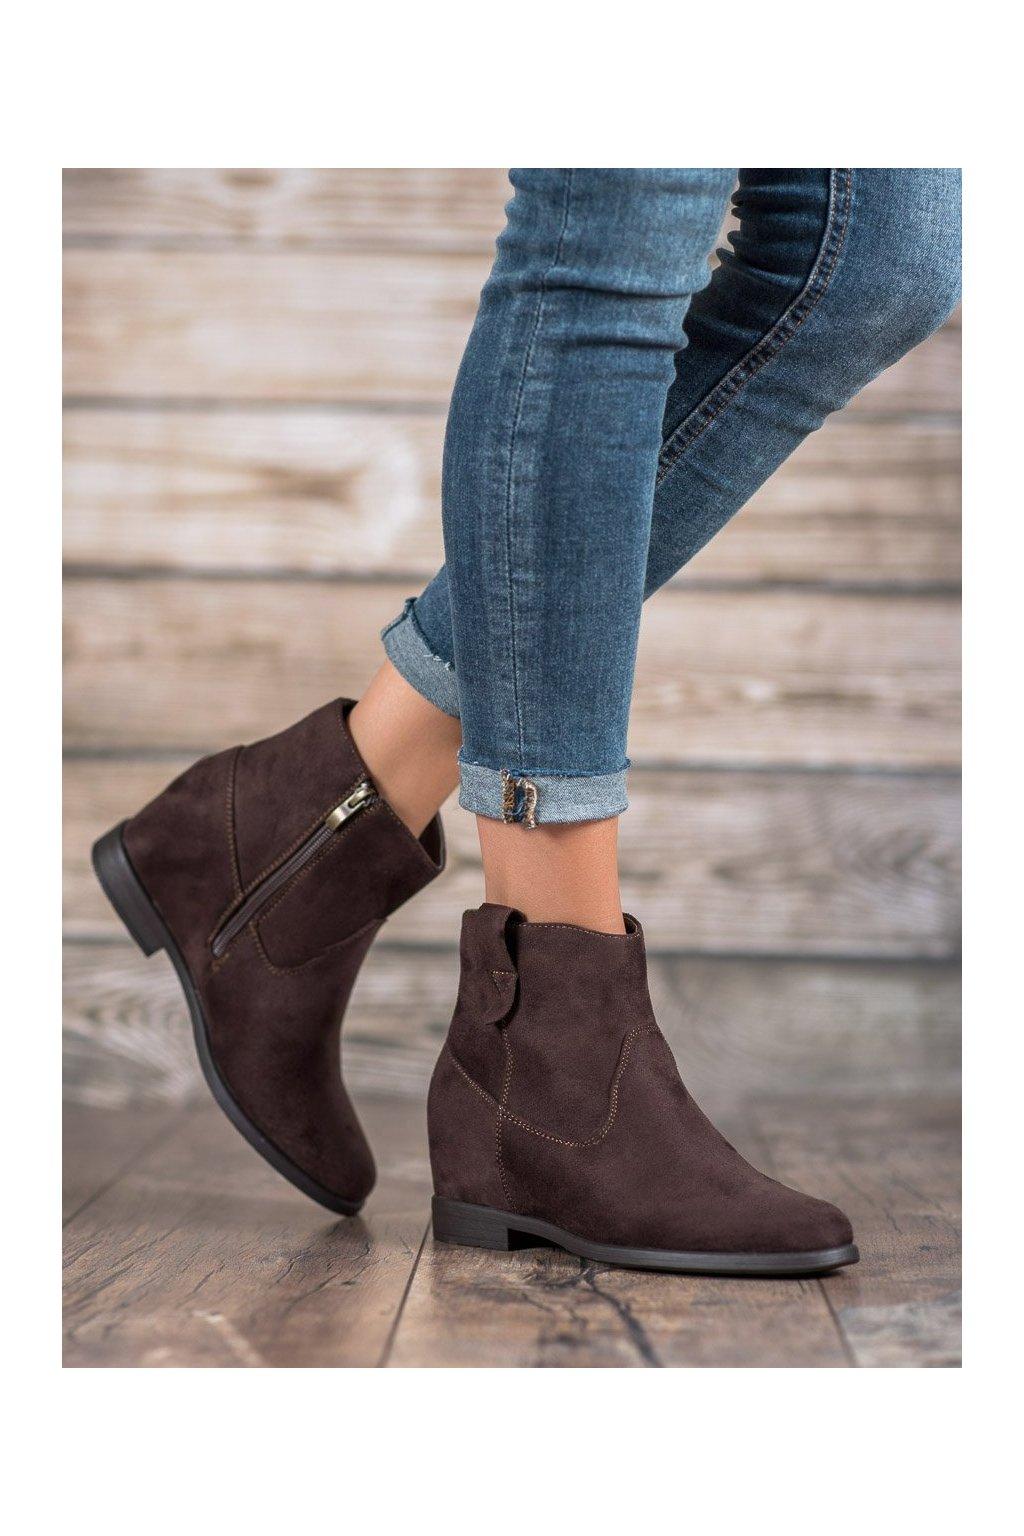 Hnedé dámske topánky Filippo kod DBT1052/19D.BR